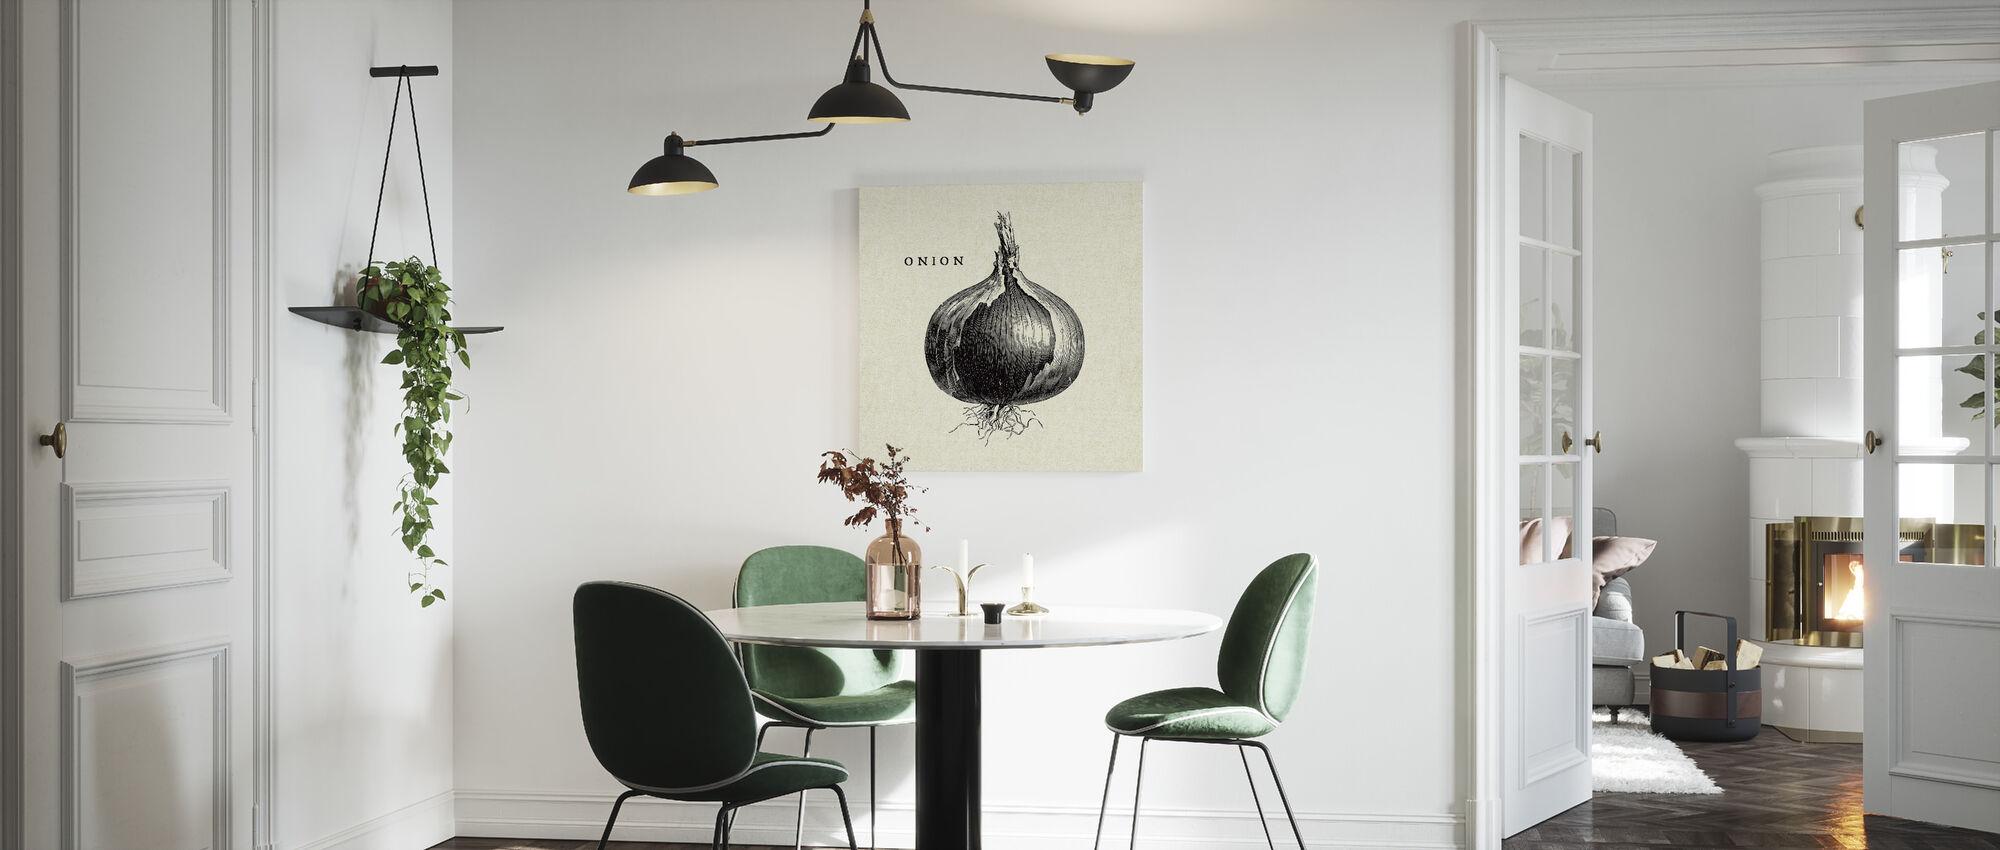 Ilustración de cocina - Cebolla - Lienzo - Cocina